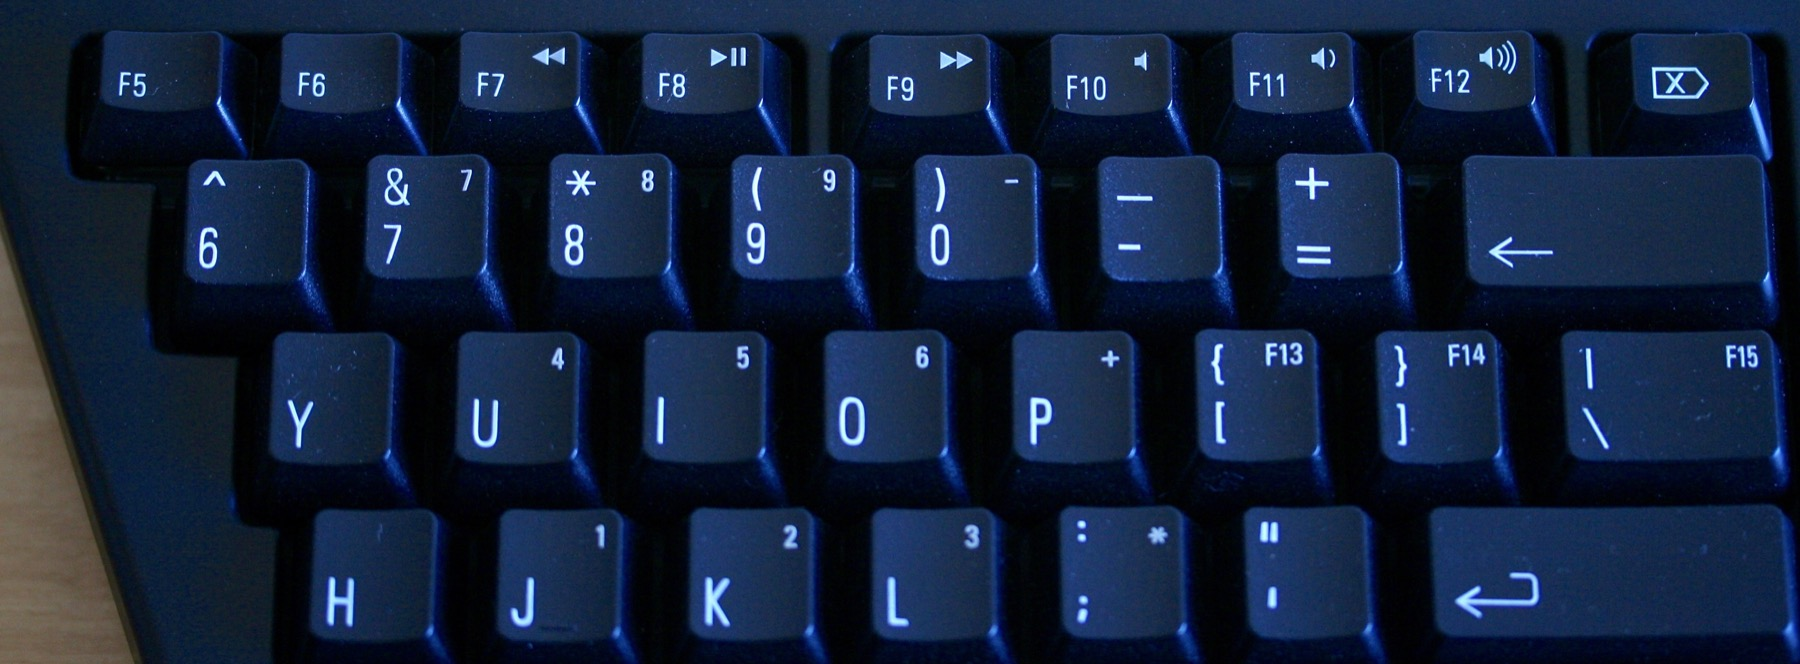 Media Keys.jpg